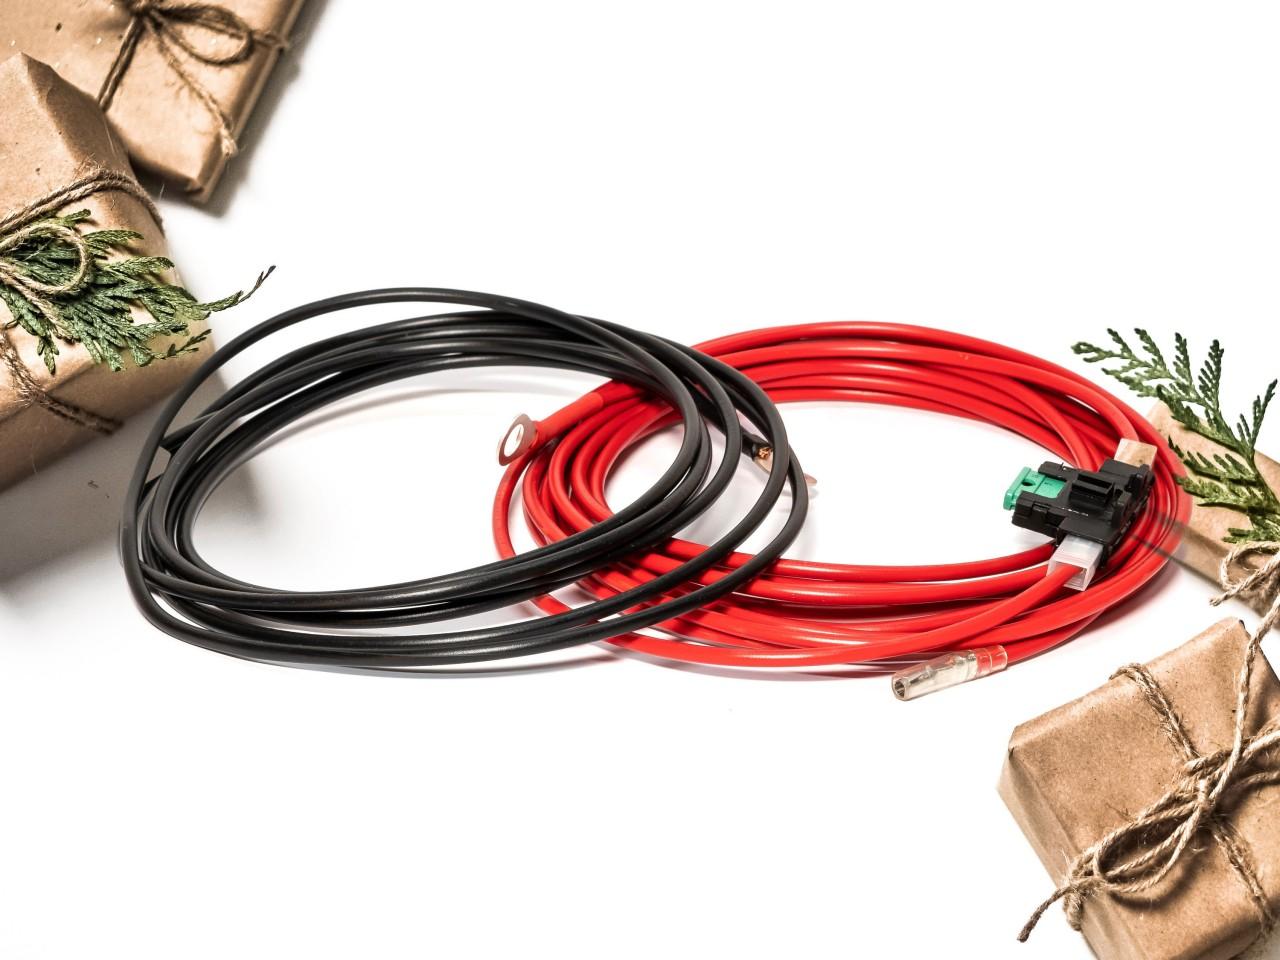 AD125 | 12V Zusatz-Spannungsversorgung | 2x4qm mit Sicchungshalter 30A